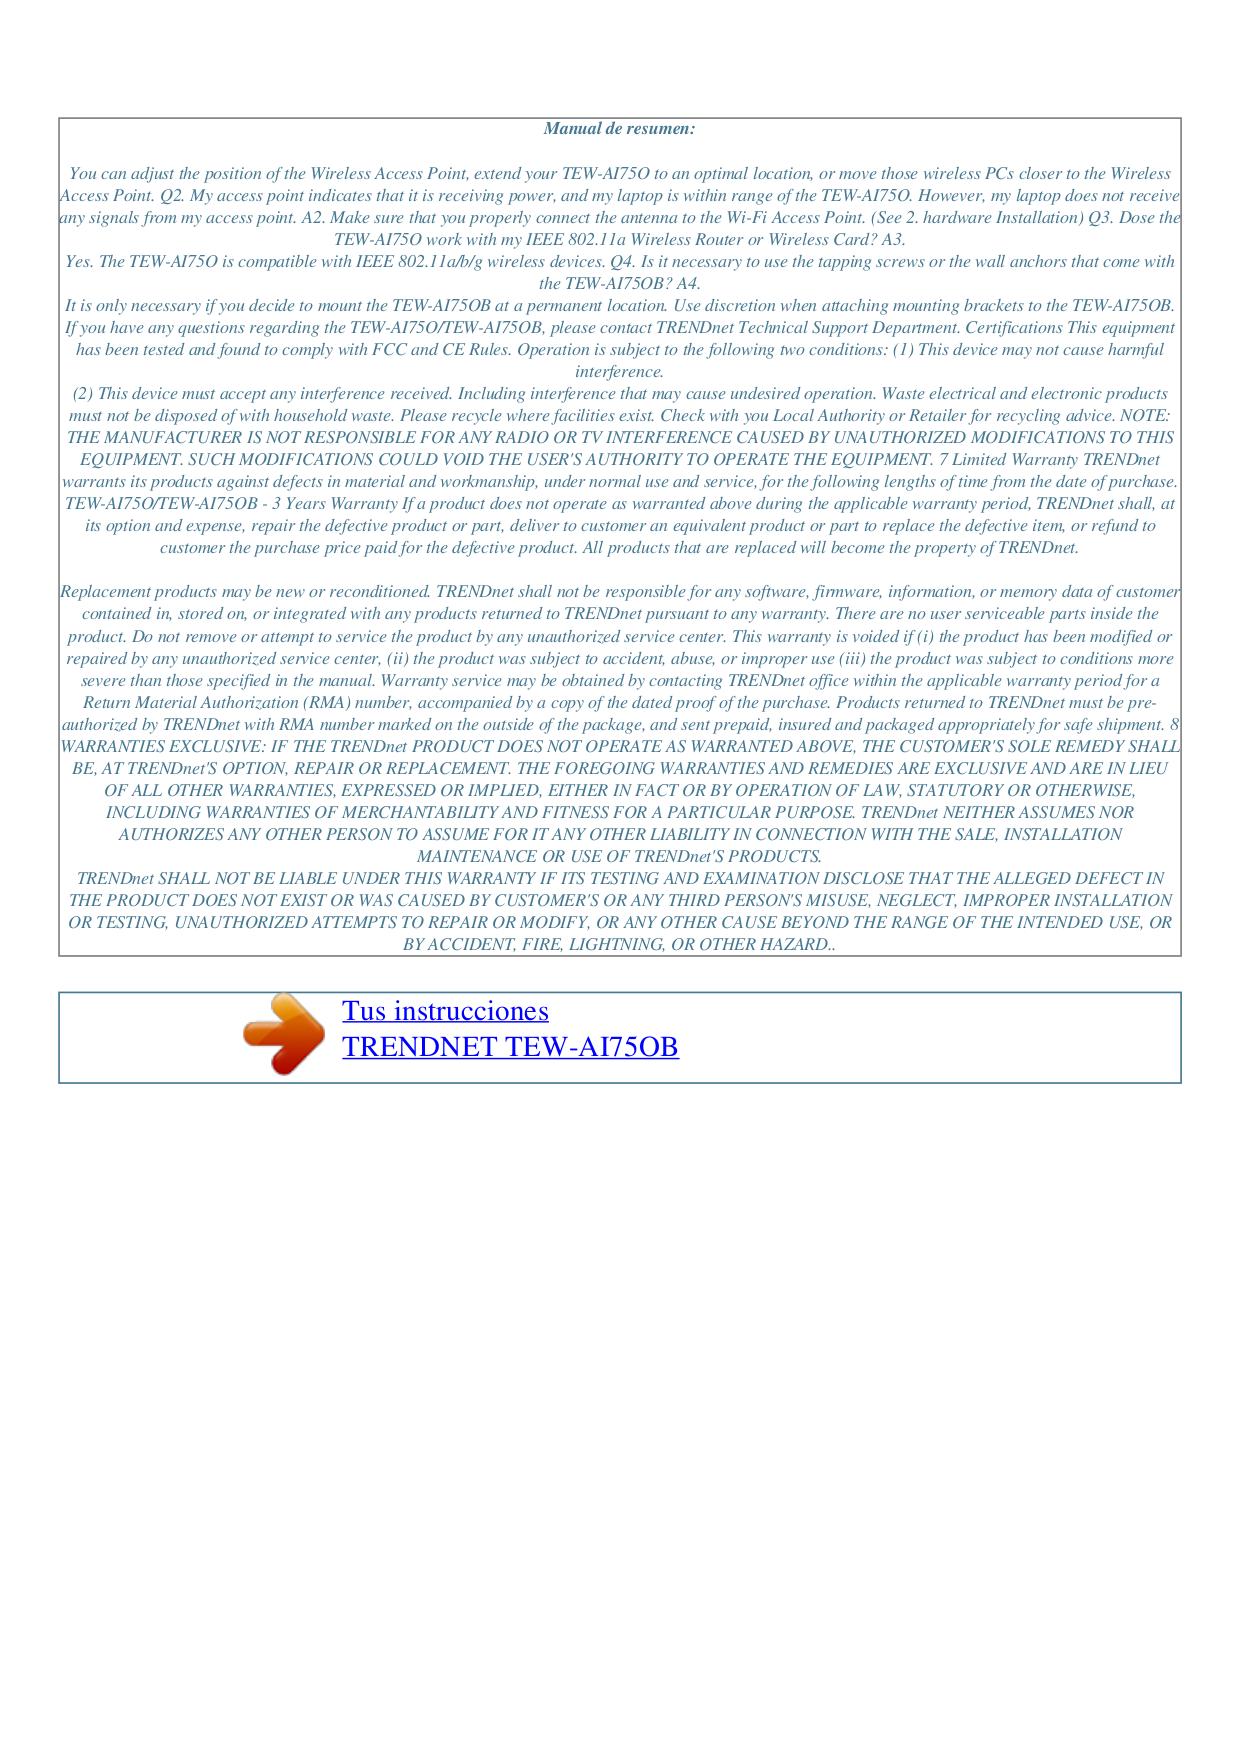 Citas online seguros qualitas casal procura mulher Petrópolis-95903